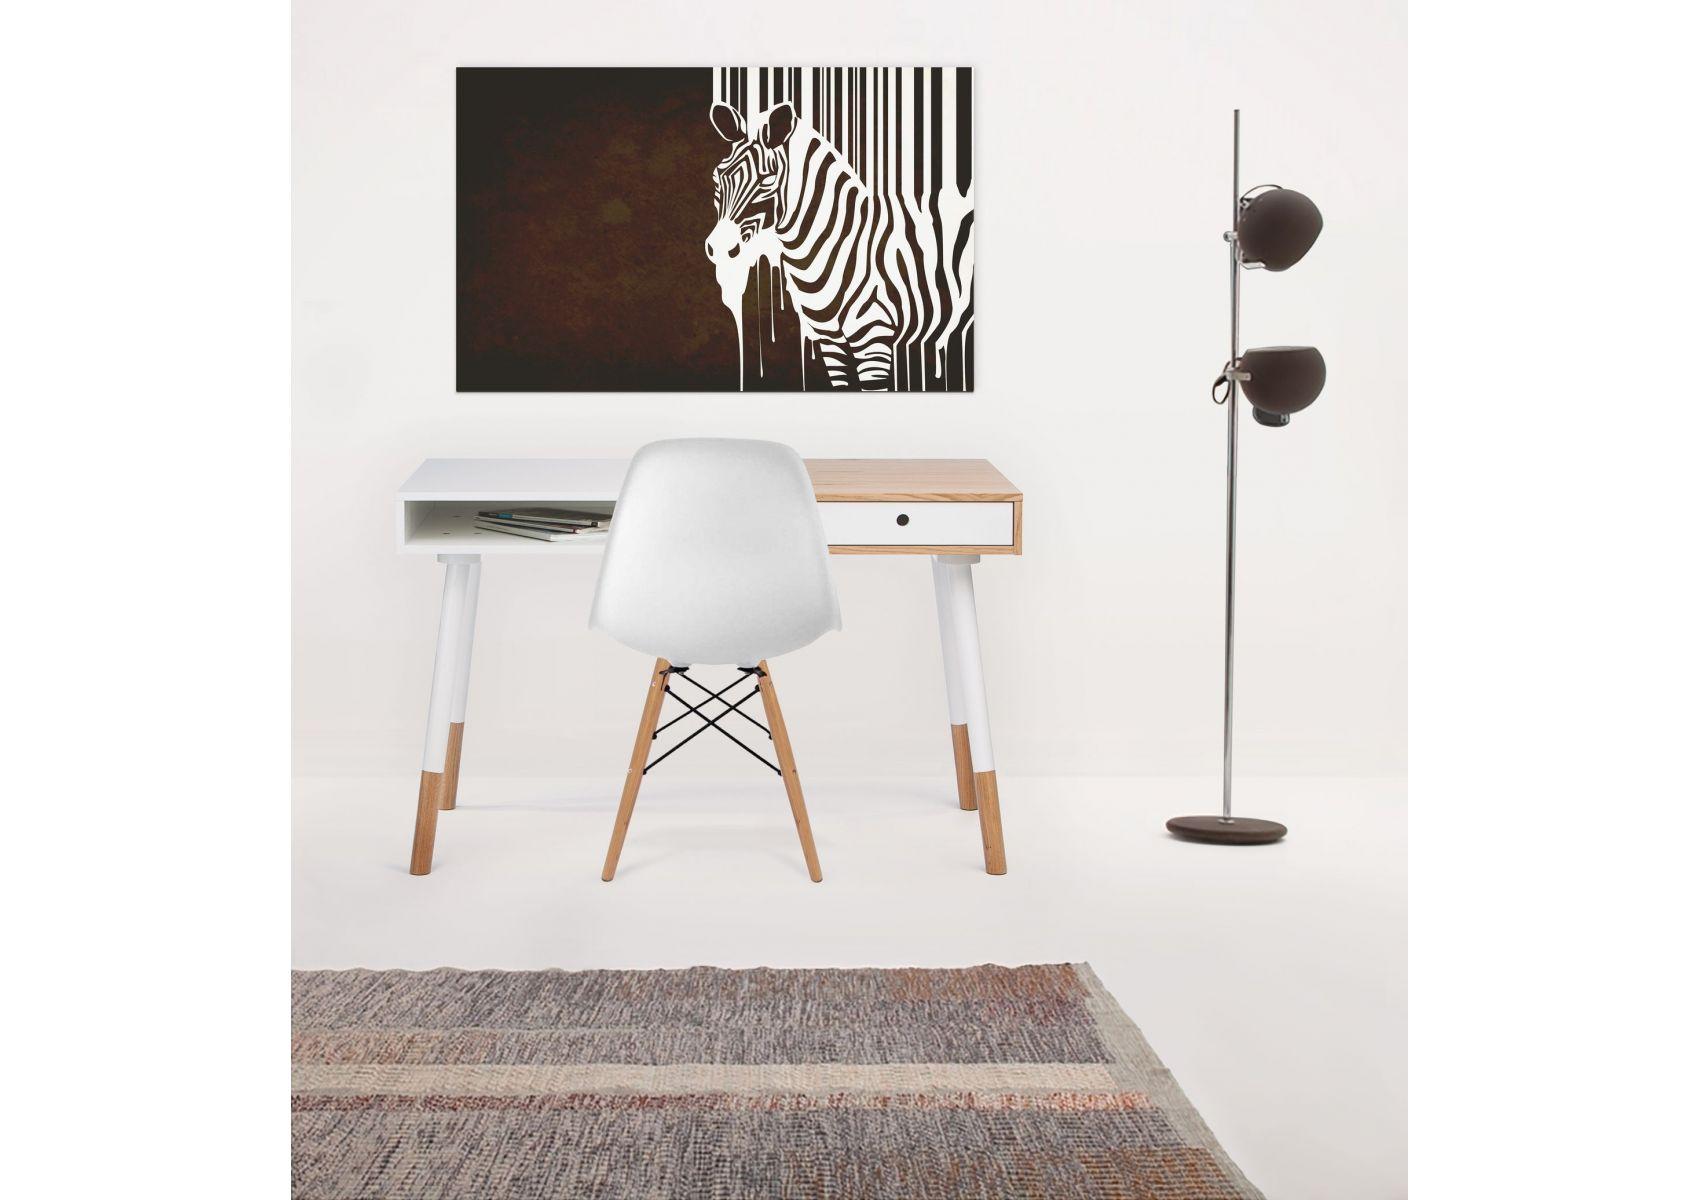 Bureau en bois scandinave sonnenblick de chez woodman avec tiroir